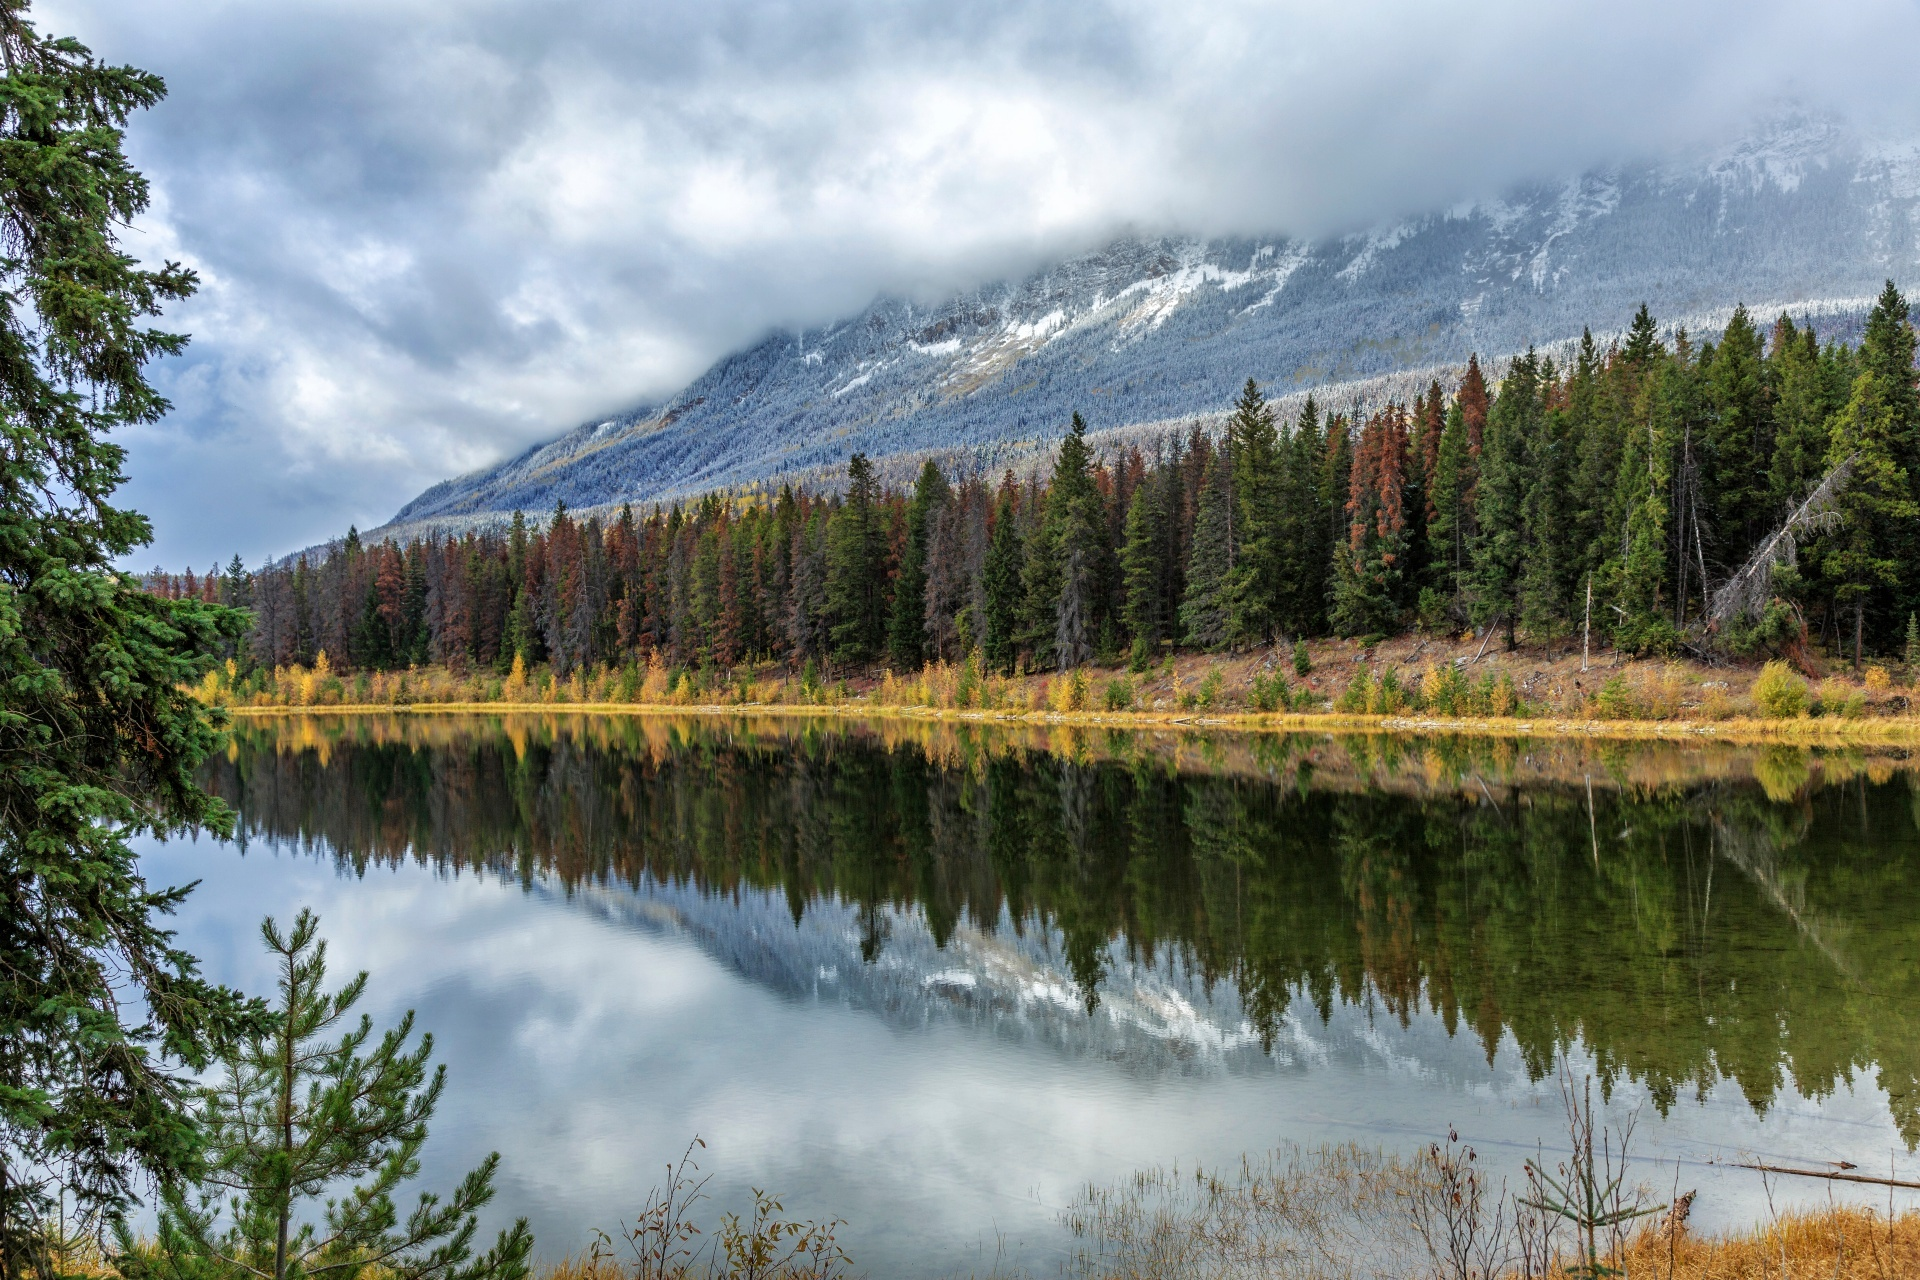 イエローヘッド湖の風景 カナダの風景